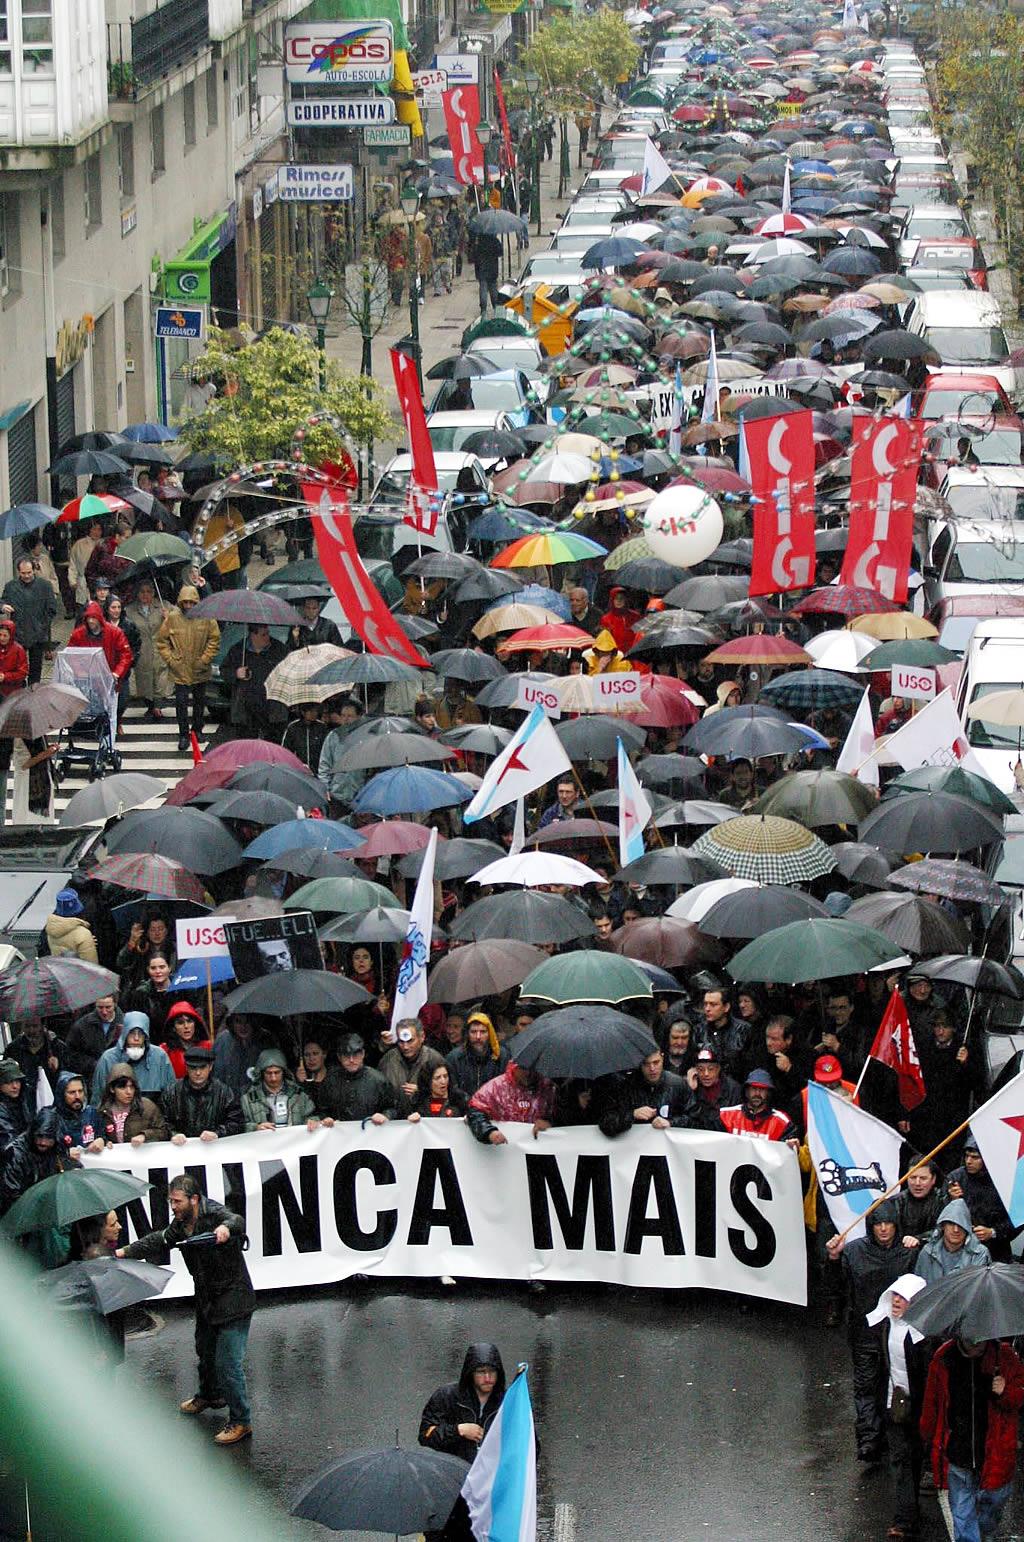 Imagen de la cabecera de la marcha con el lema Nunca Máis <br>Xoan A. Soler